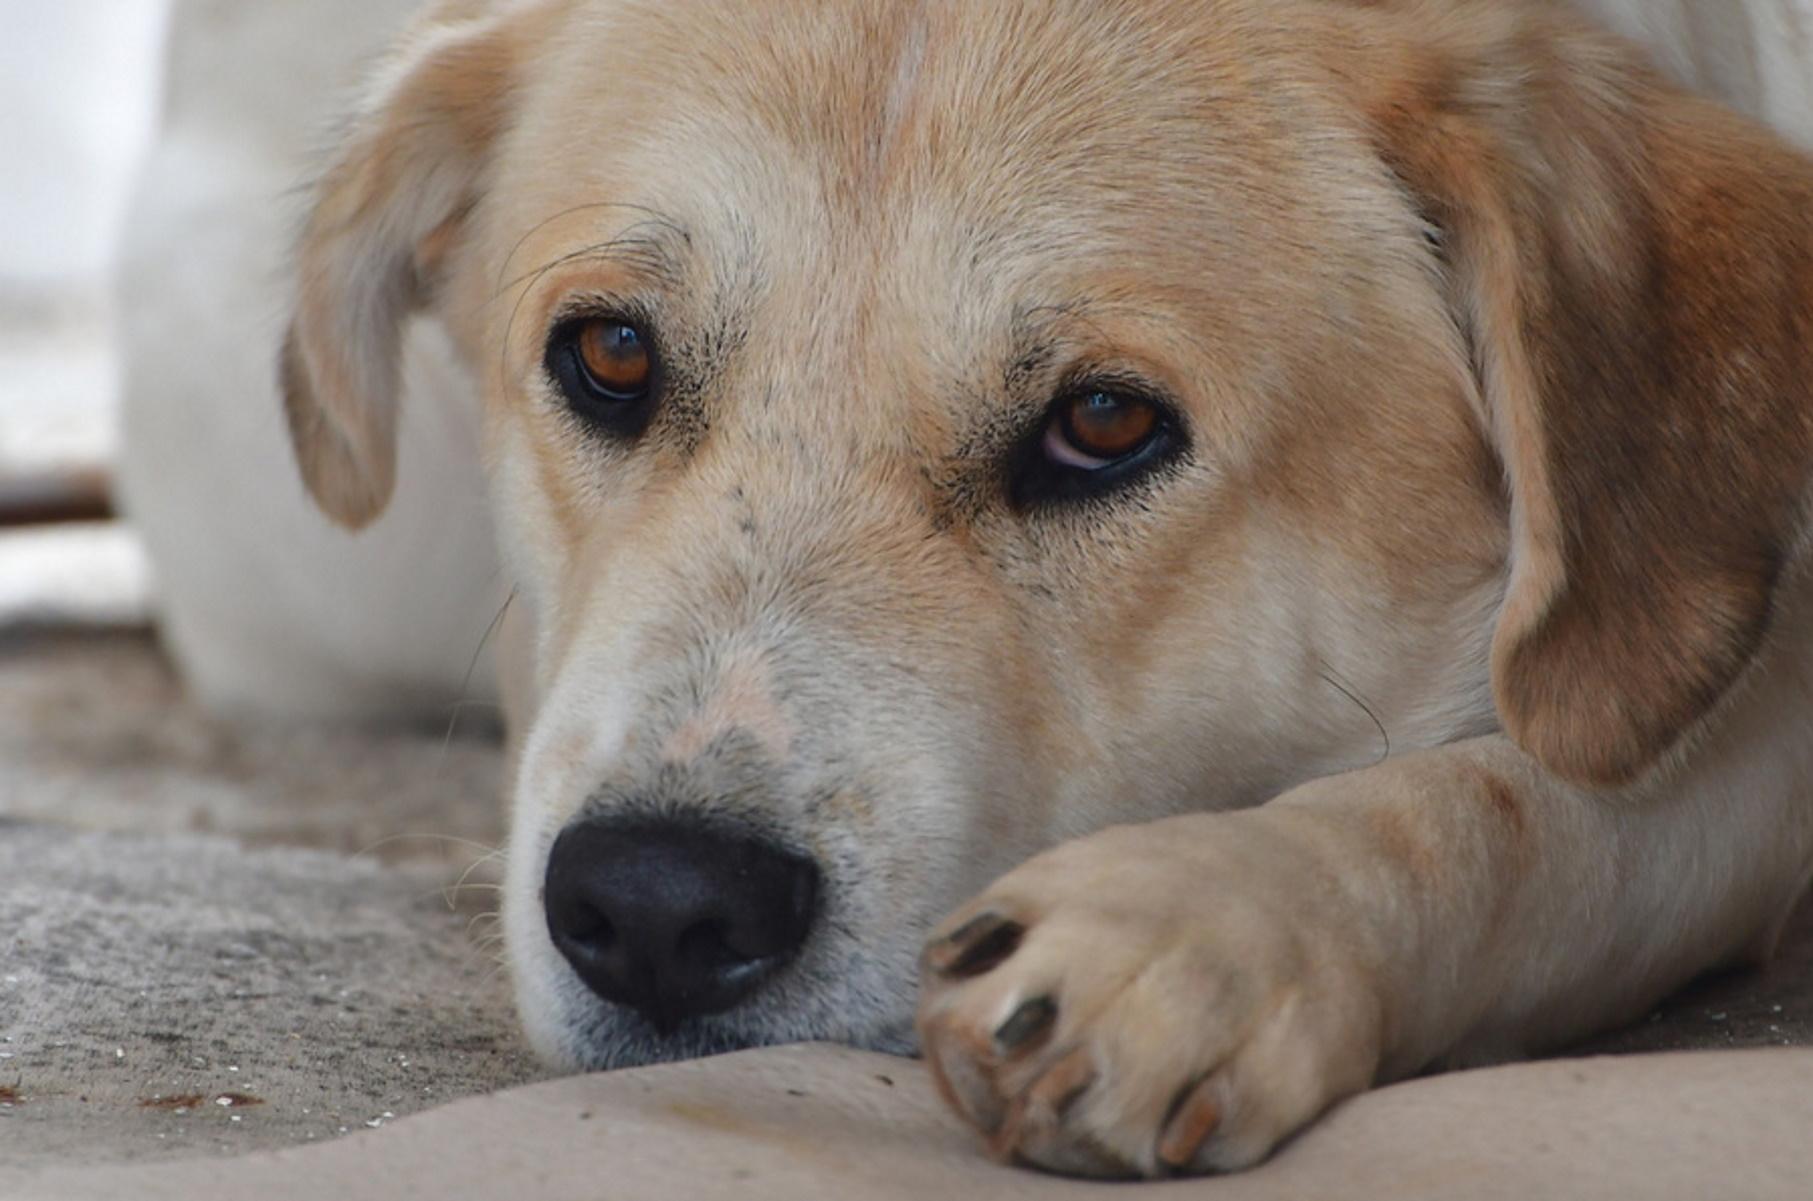 Σκύλος κάθεται σε τοποθεσία στην πόλη του Ναυπλίου, Παρασκευή 3 Ιανουαρίου 2020.  ΑΠΕ-ΜΠΕ /ΑΠΕ-ΜΠΕ/ΜΠΟΥΓΙΩΤΗΣ ΕΥΑΓΓΕΛΟΣ